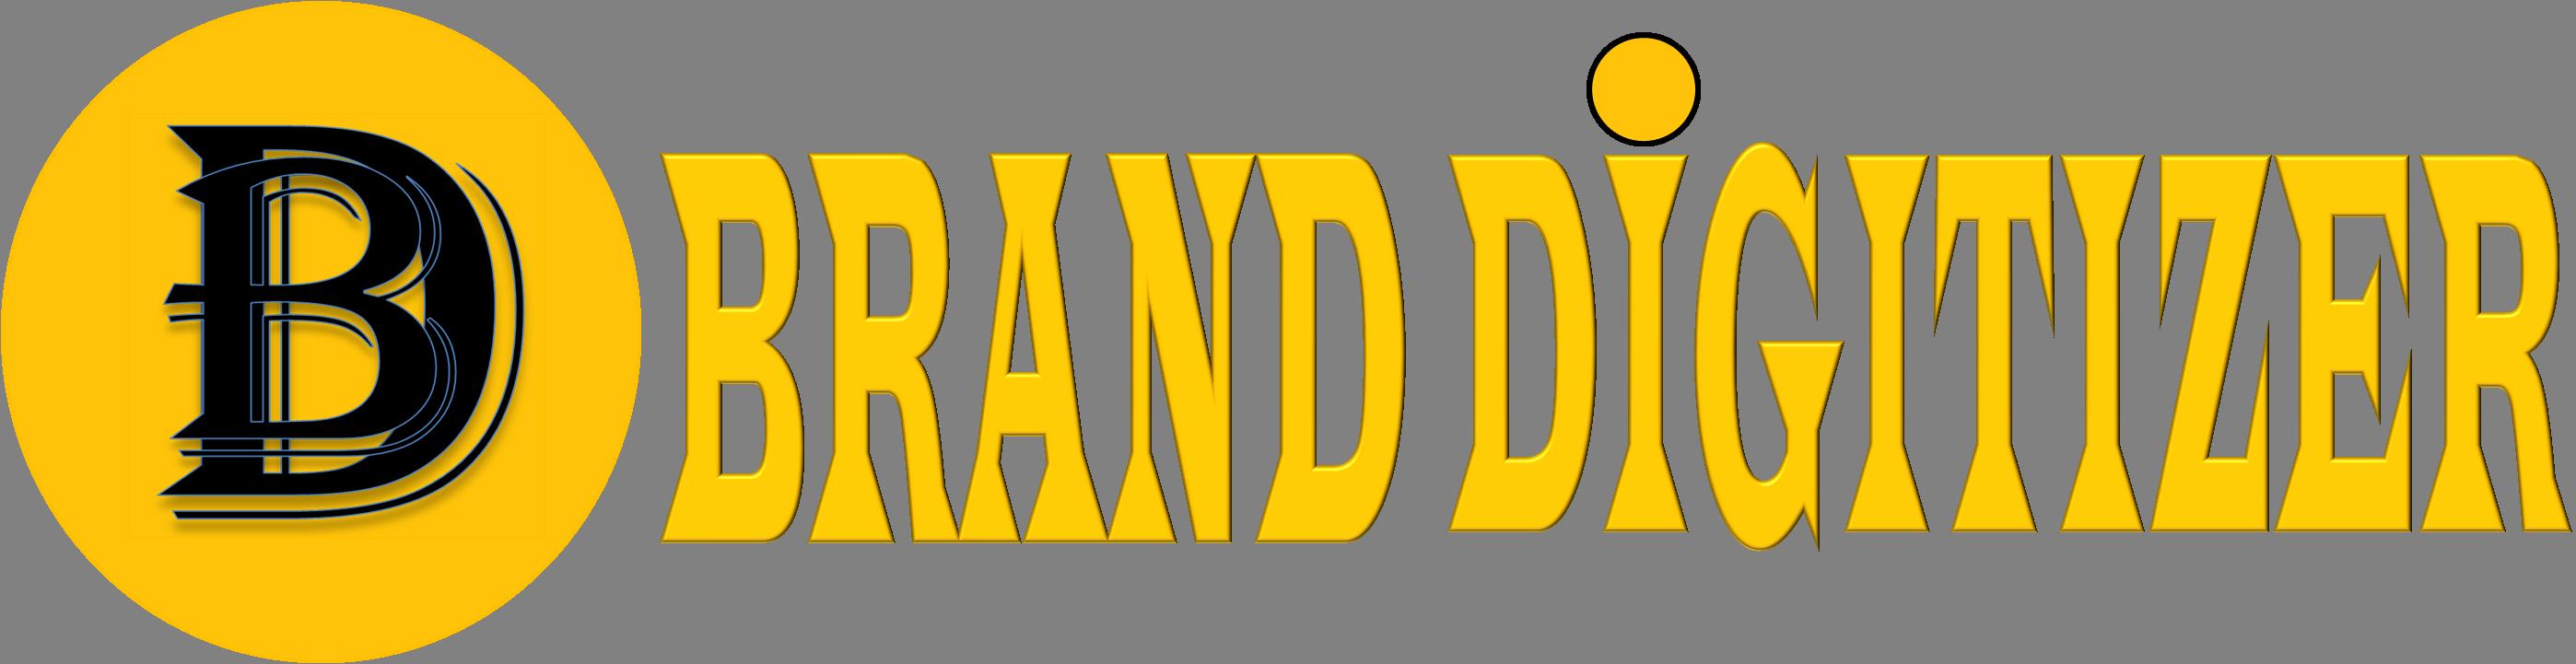 Brand Digitizer